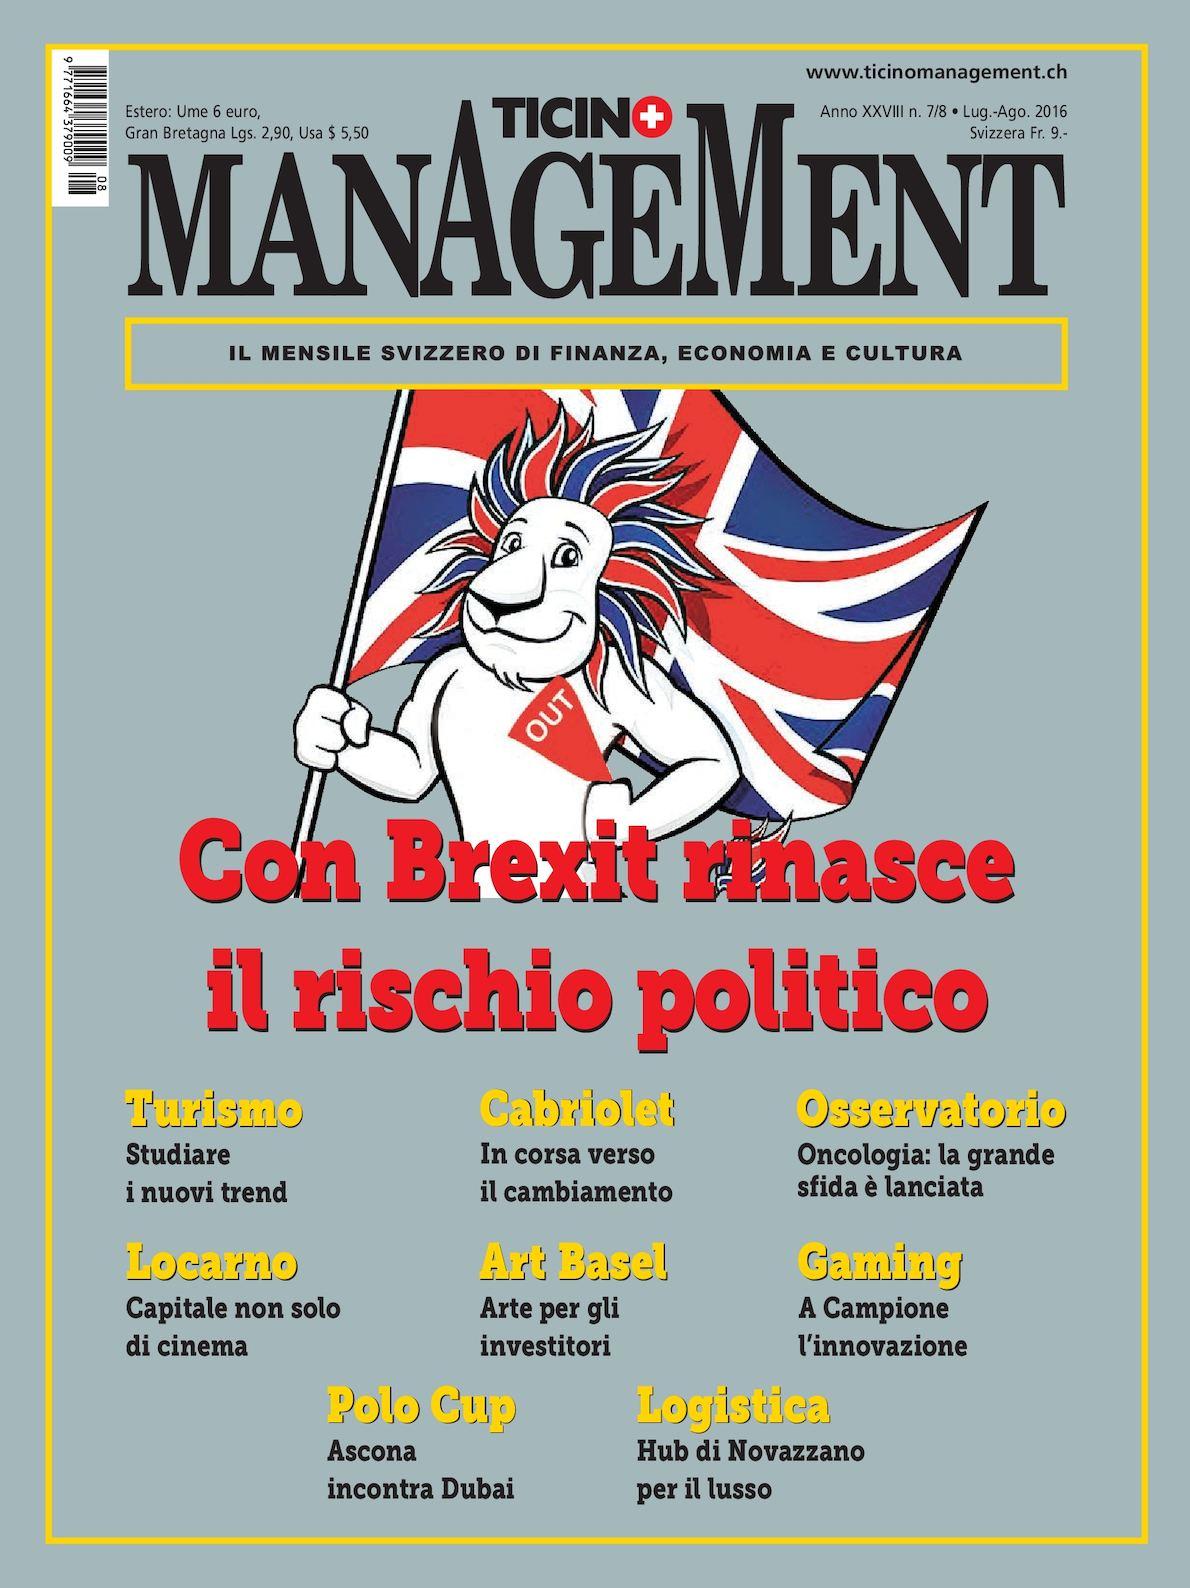 Men/'S TRAINER Regno Unito TAGLIE 6-10 Fila Silva Bianco-Argento STOCK Nuovo di Zecca Limited